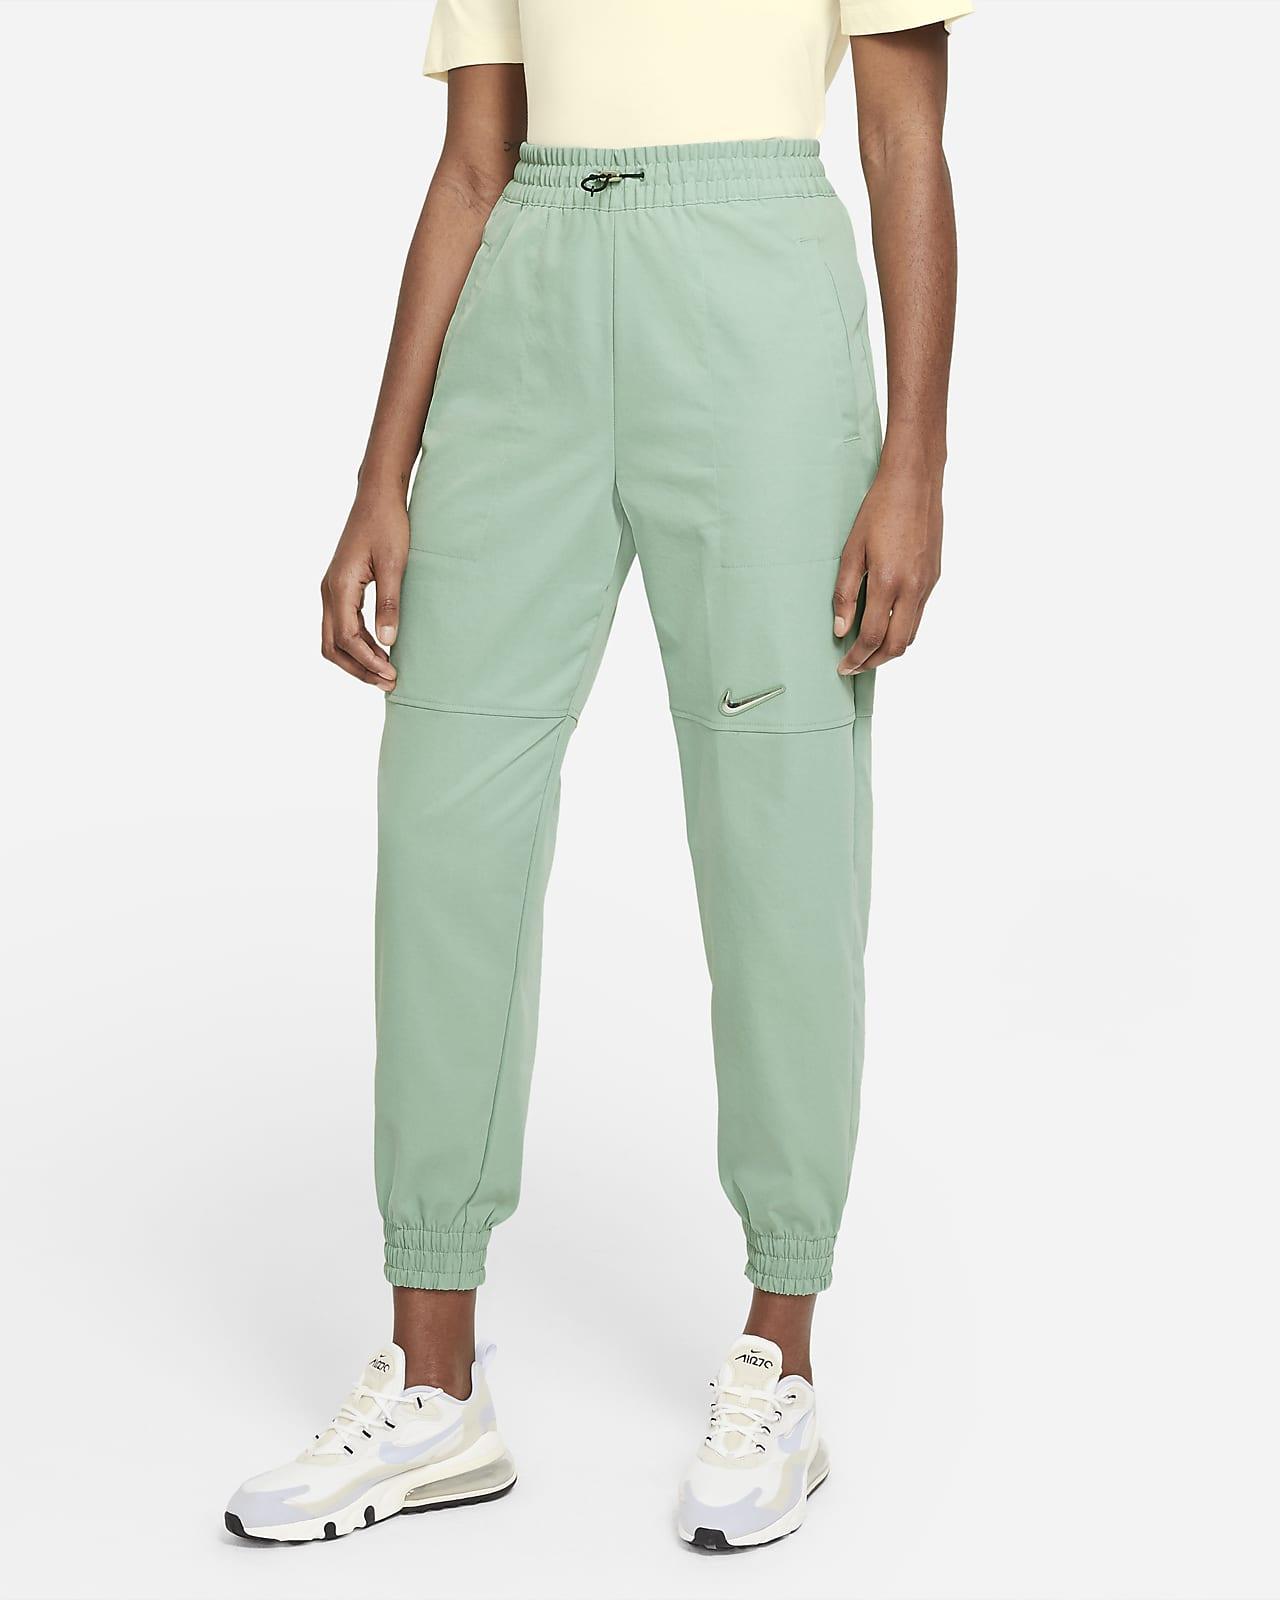 Calças de tecido Nike Sportswear Swoosh para mulher